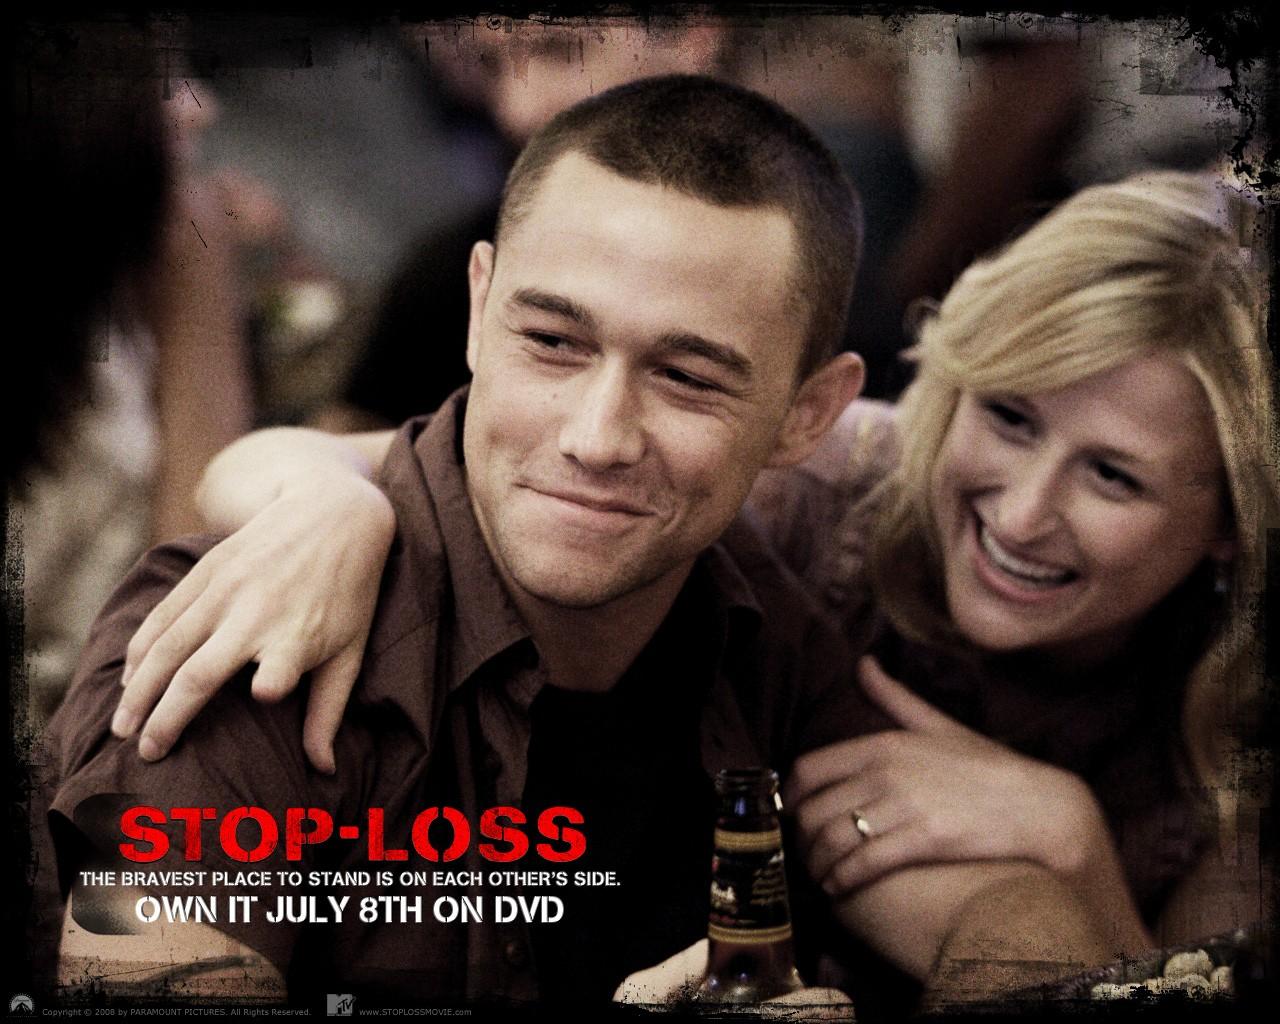 Un wallpaper ufficiale del film Stop Loss, con Joseph Gordon-Levitt